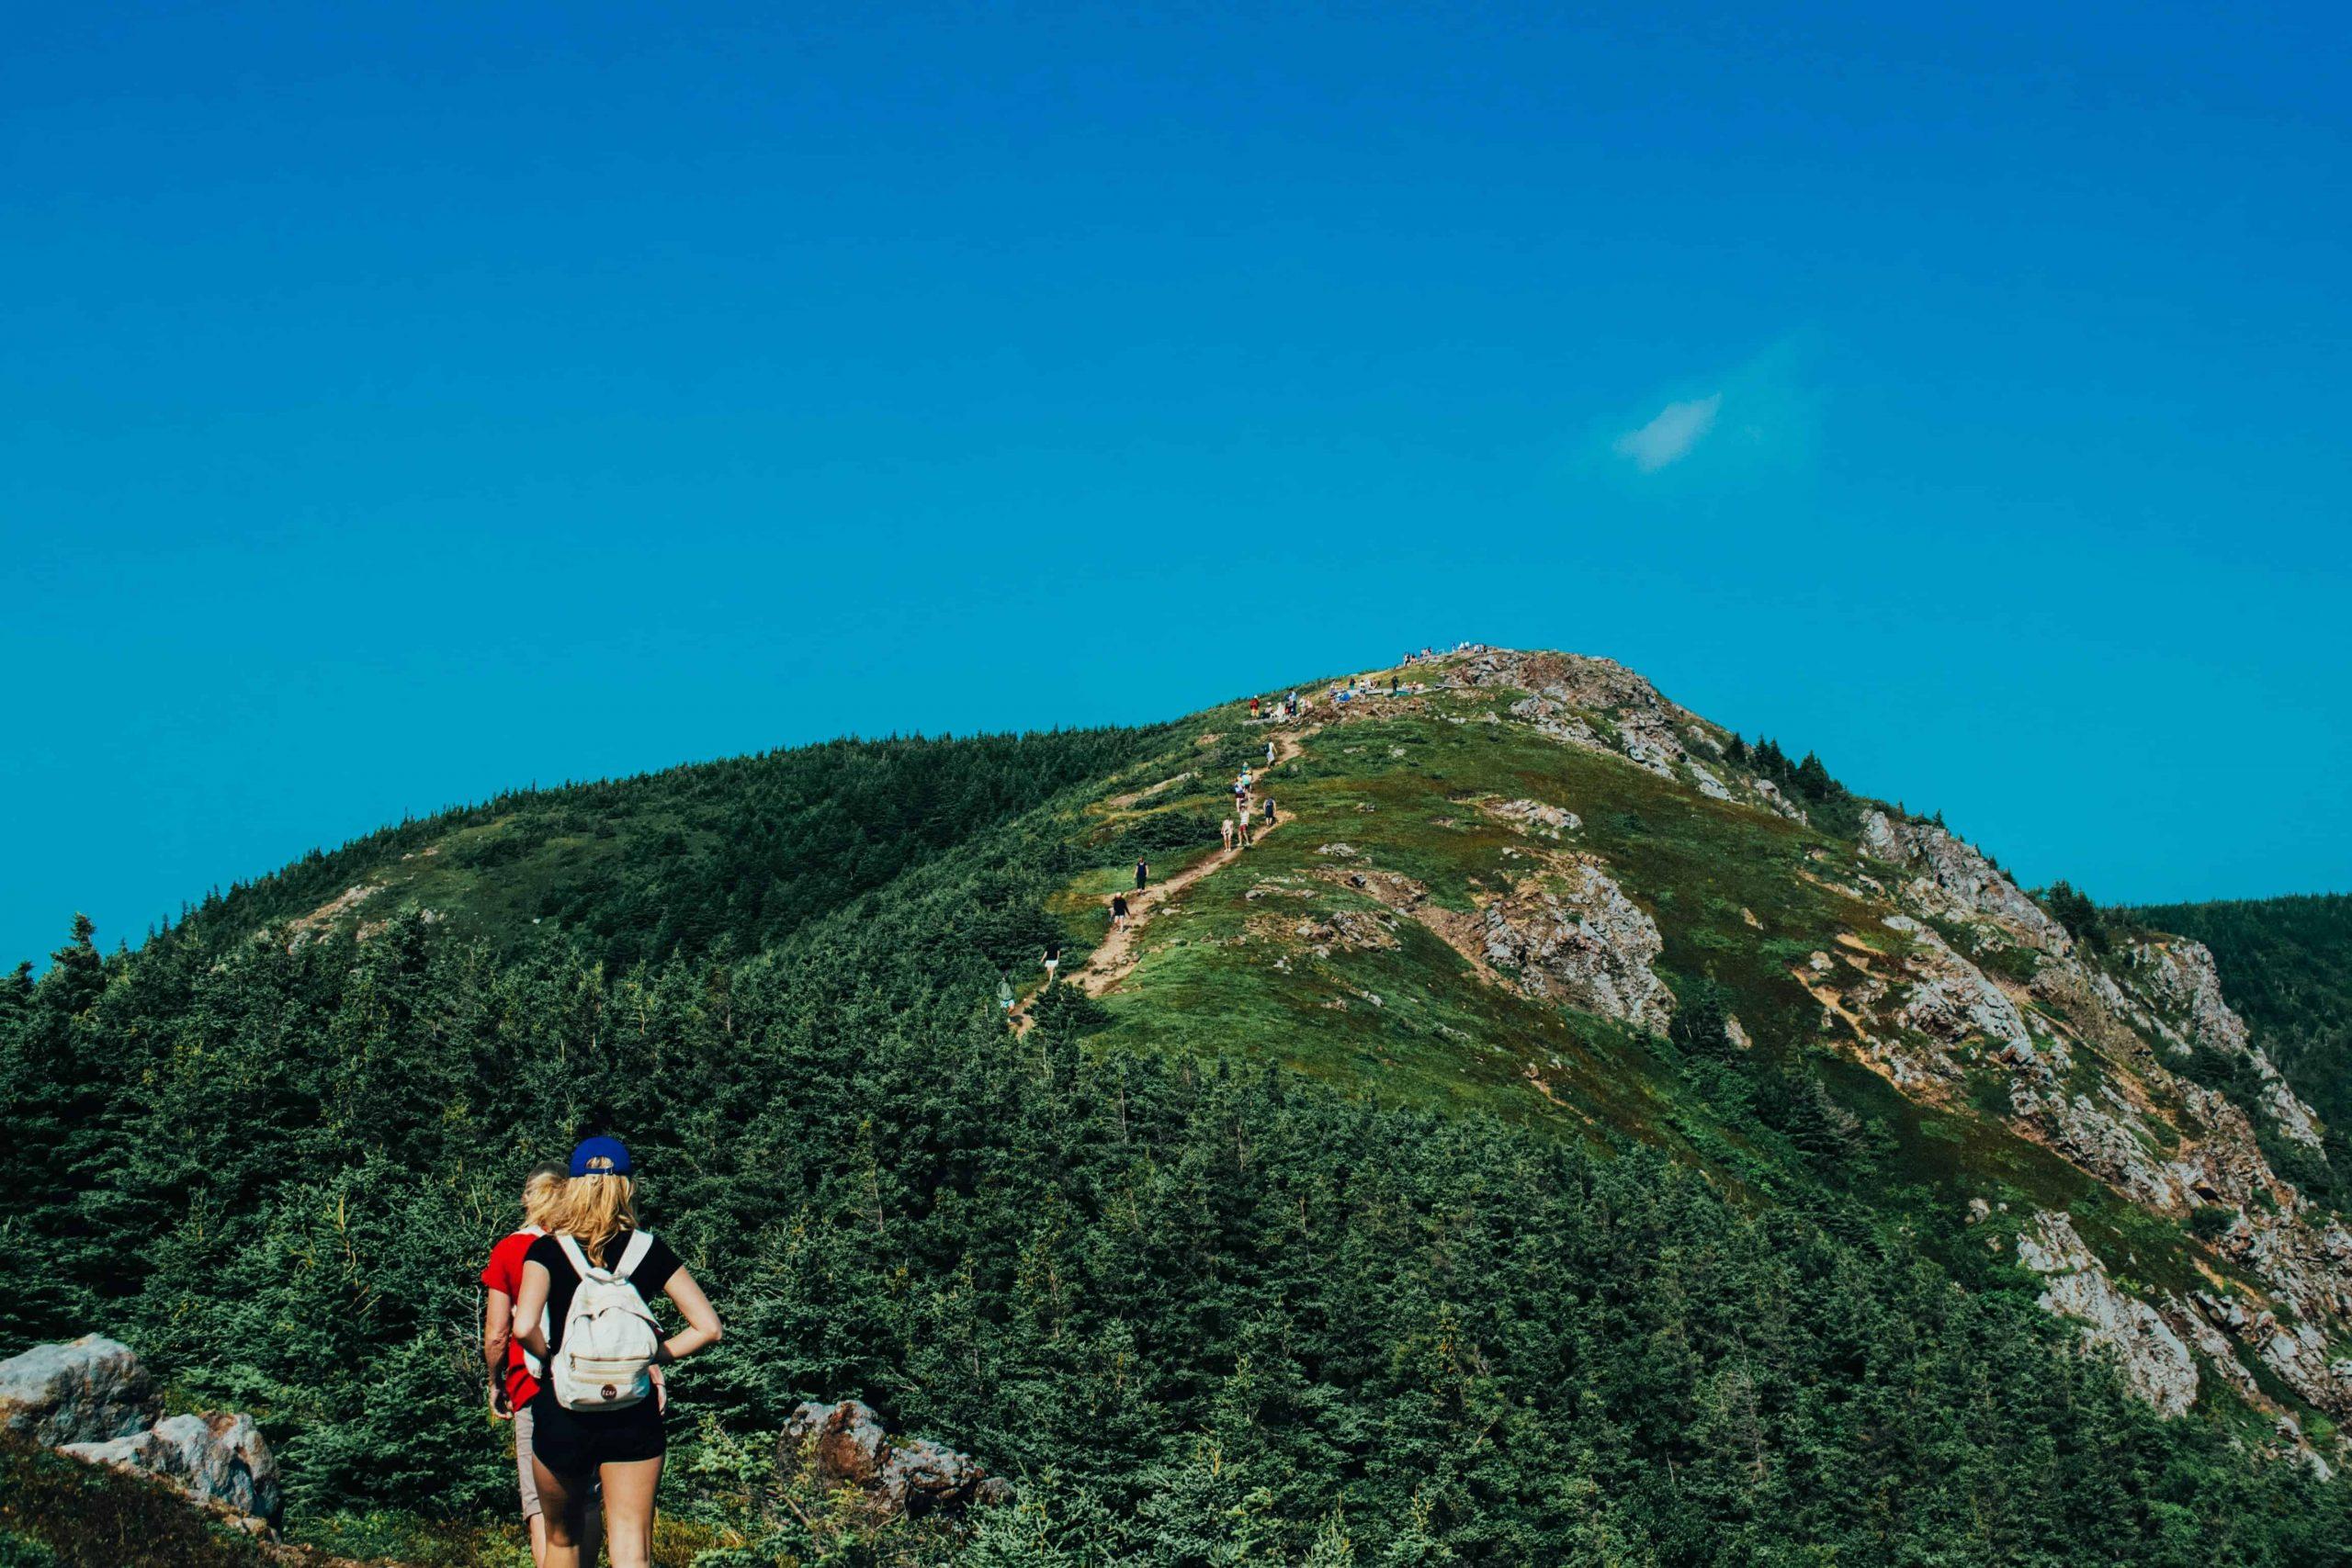 skyline trail canada